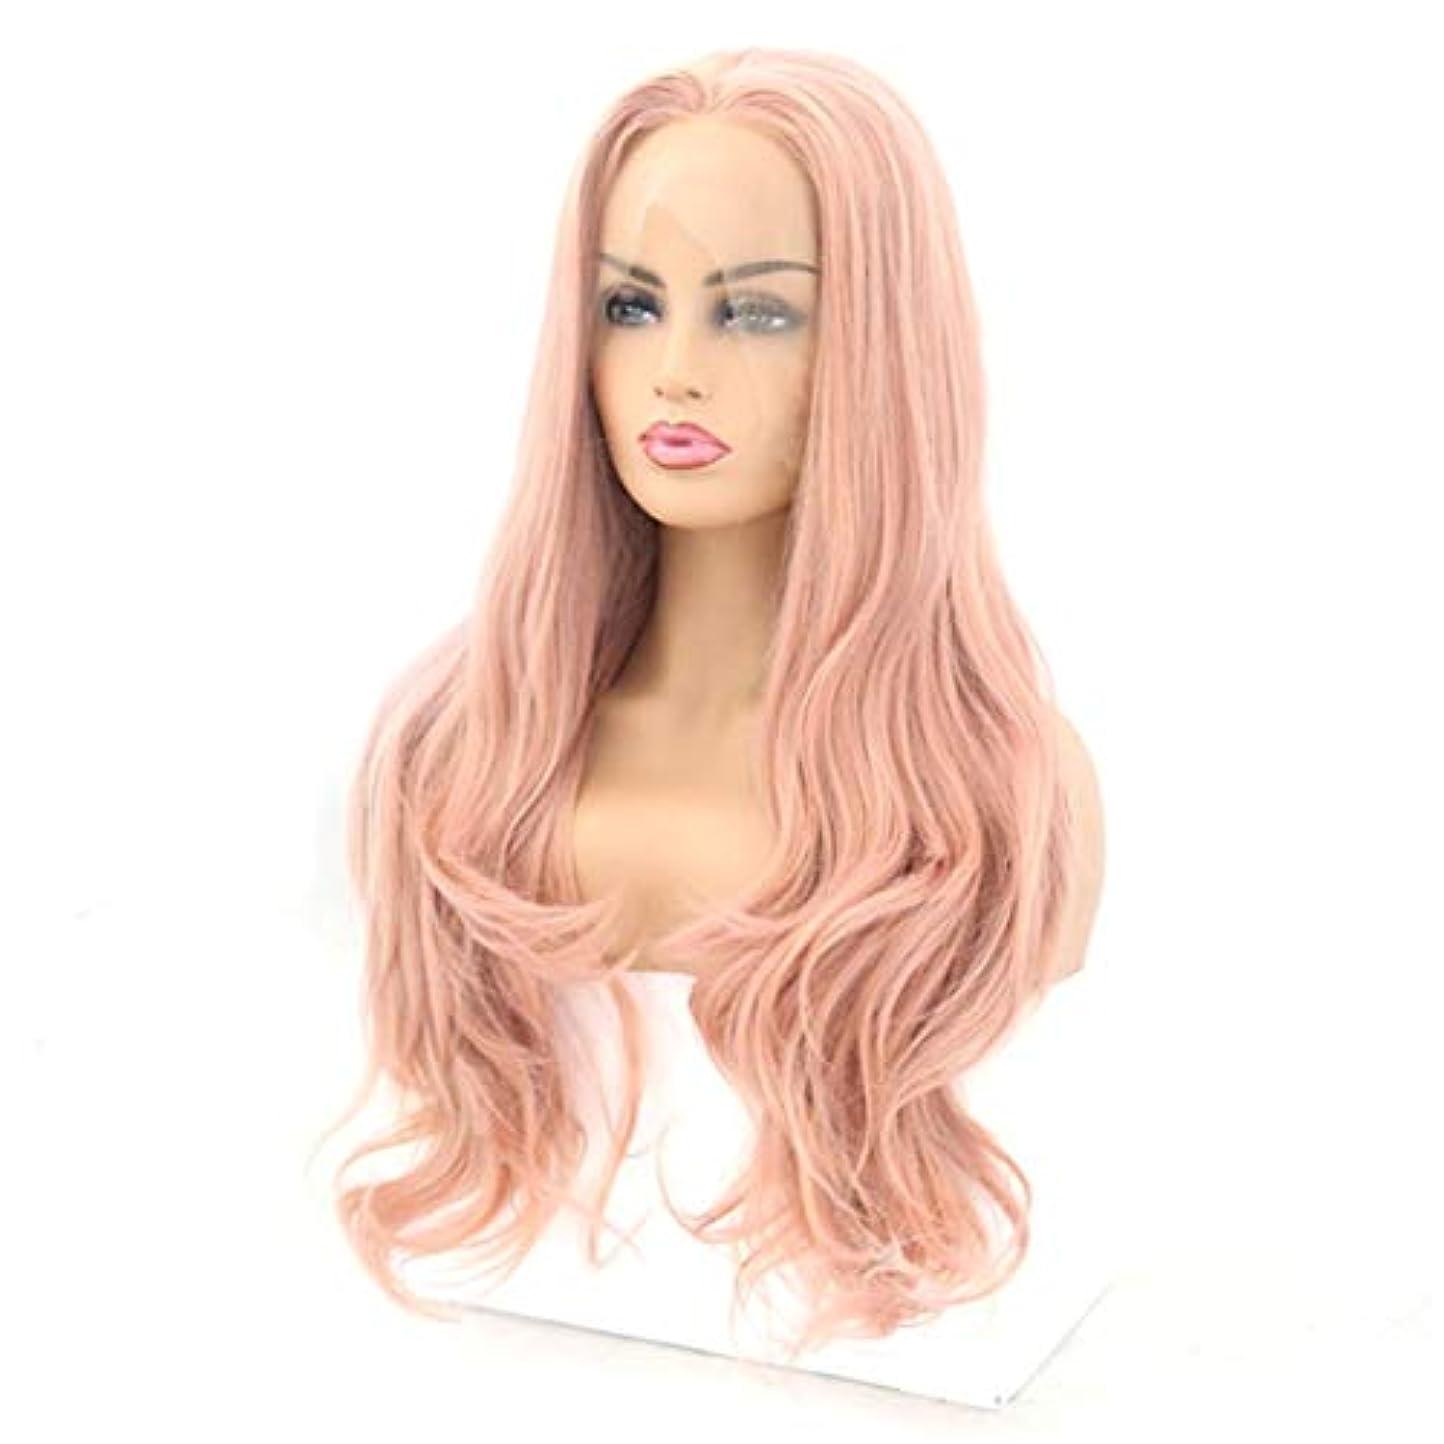 仮装広々であることKerwinner フロントレースかつら長い巻き毛のかつら合成のカラフルなコスプレ日常パーティーかつら本物の髪として自然な女性のためのかつら